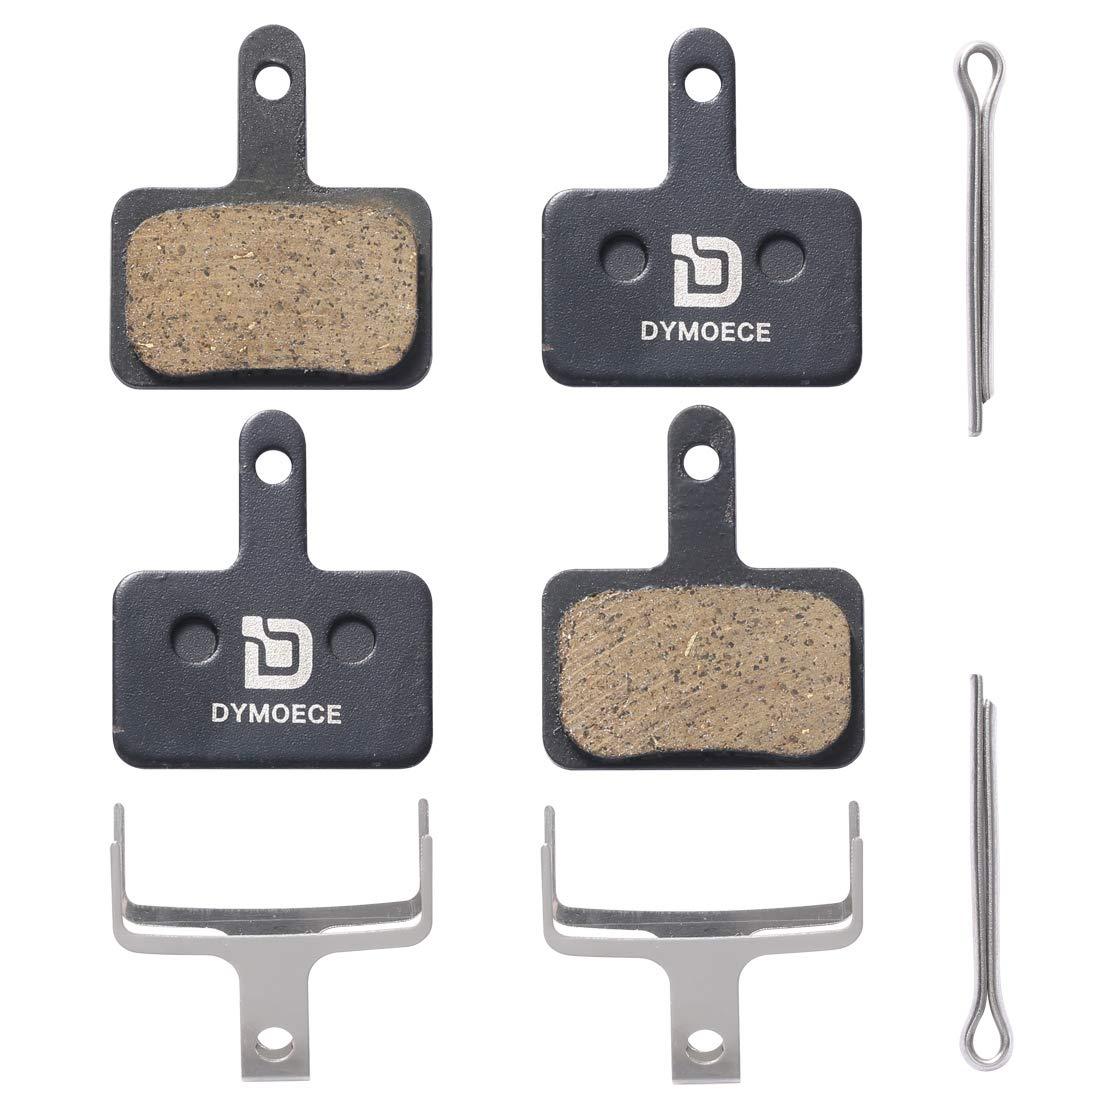 Dymoece 2 Pairs Bicycle Resin Organic Disc Brake Pads for Shimano Deore Tektro TRP by Dymoece